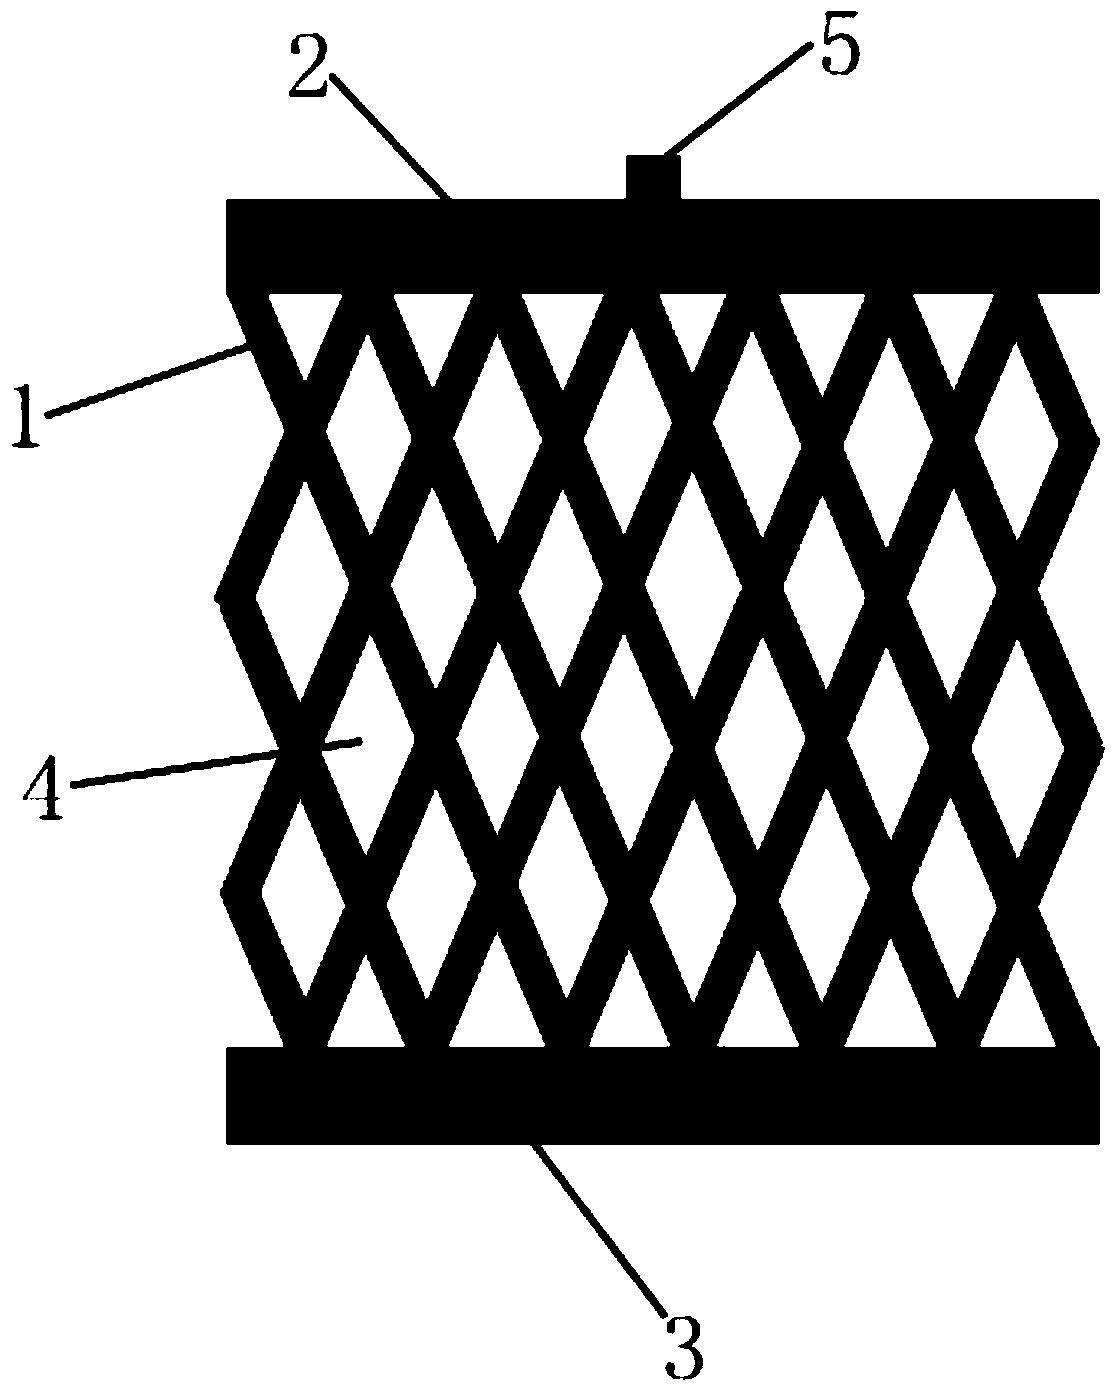 权利要求书   1.一种用于电化学处理重金属污水的网状电极,包括一块电极板,其特征在于:所述电极板固定安装在上绝缘层与下绝缘层之间,所述电极板表面均布有若干个网孔,所述网孔的形状为菱形,网孔的菱形边长为1-2cm,菱形的夹角为40-50度,菱形的金属边宽度为0.2-0.4cm。   2.